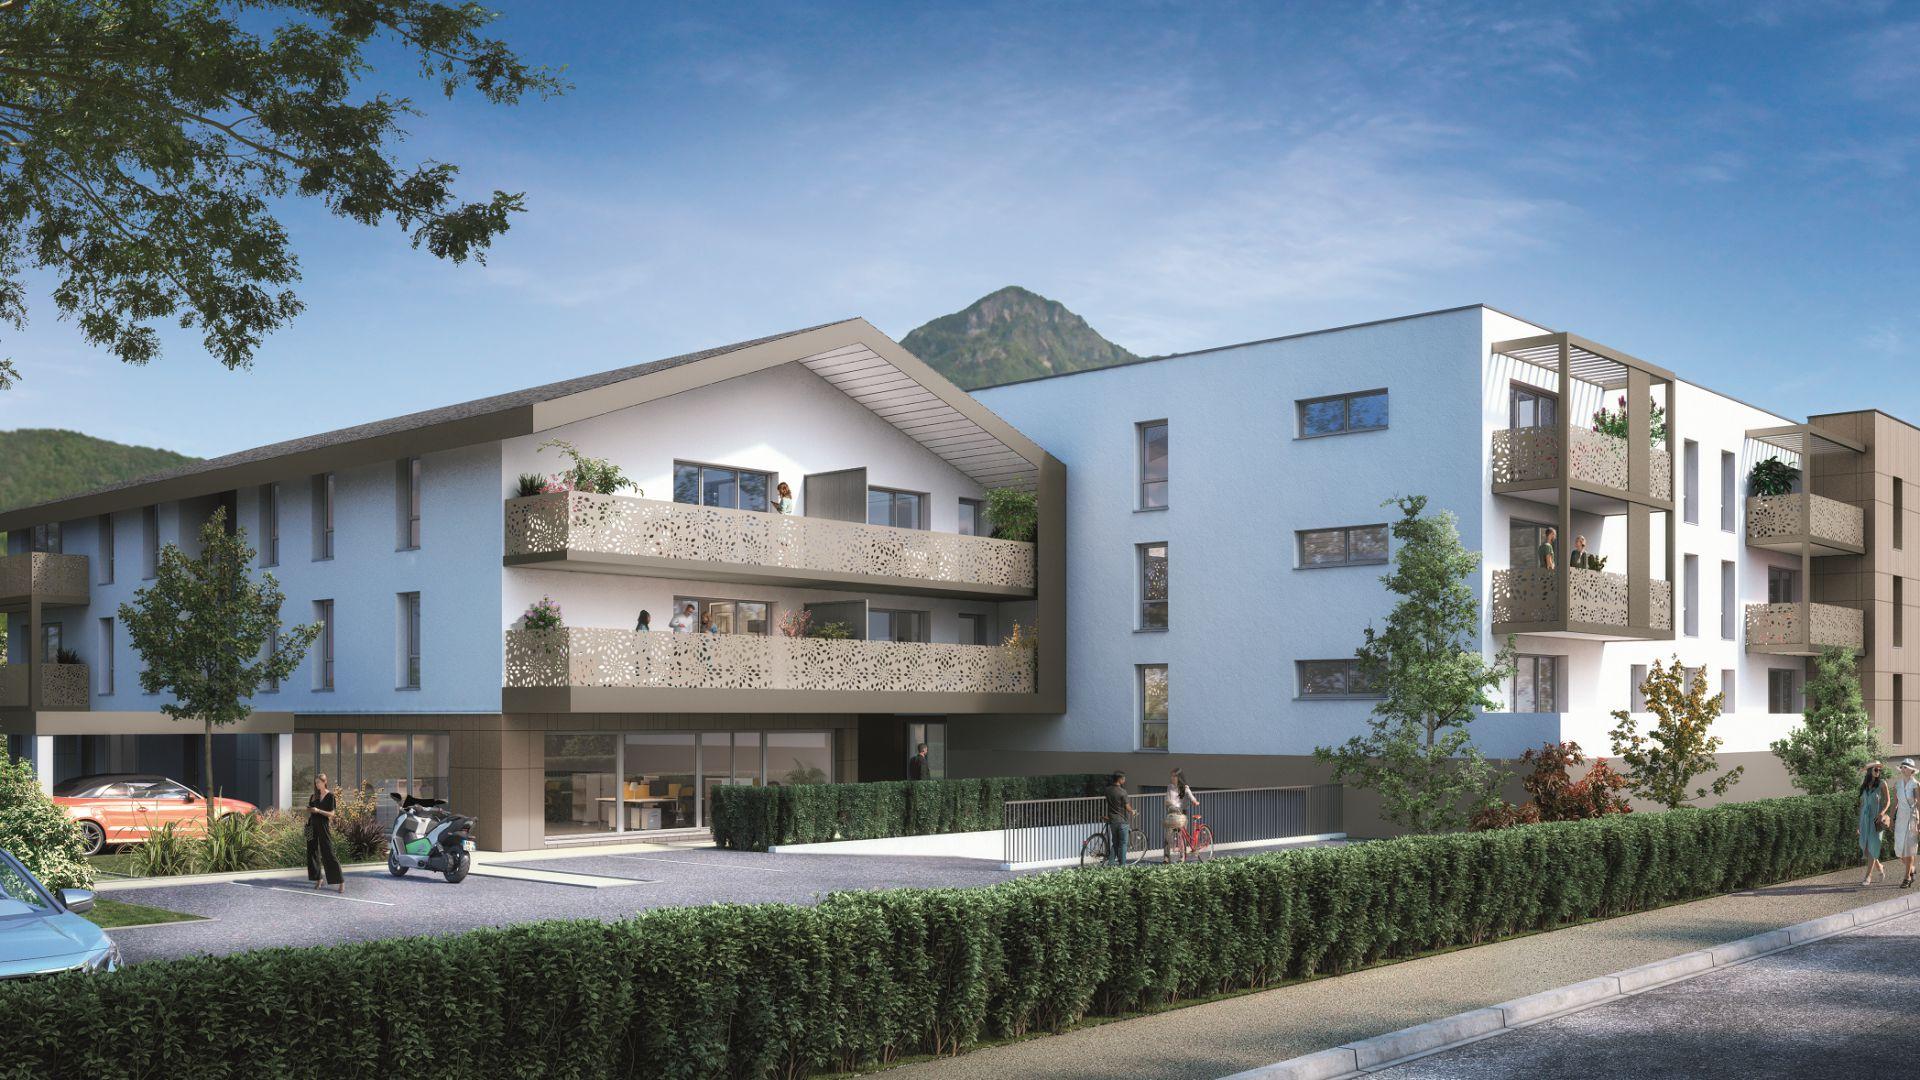 GreenCity immobilier - Thyez - 74300 - proche Genève - Résidence Le Jardin D'Aubeline - Appartements neuf du T1 au T3